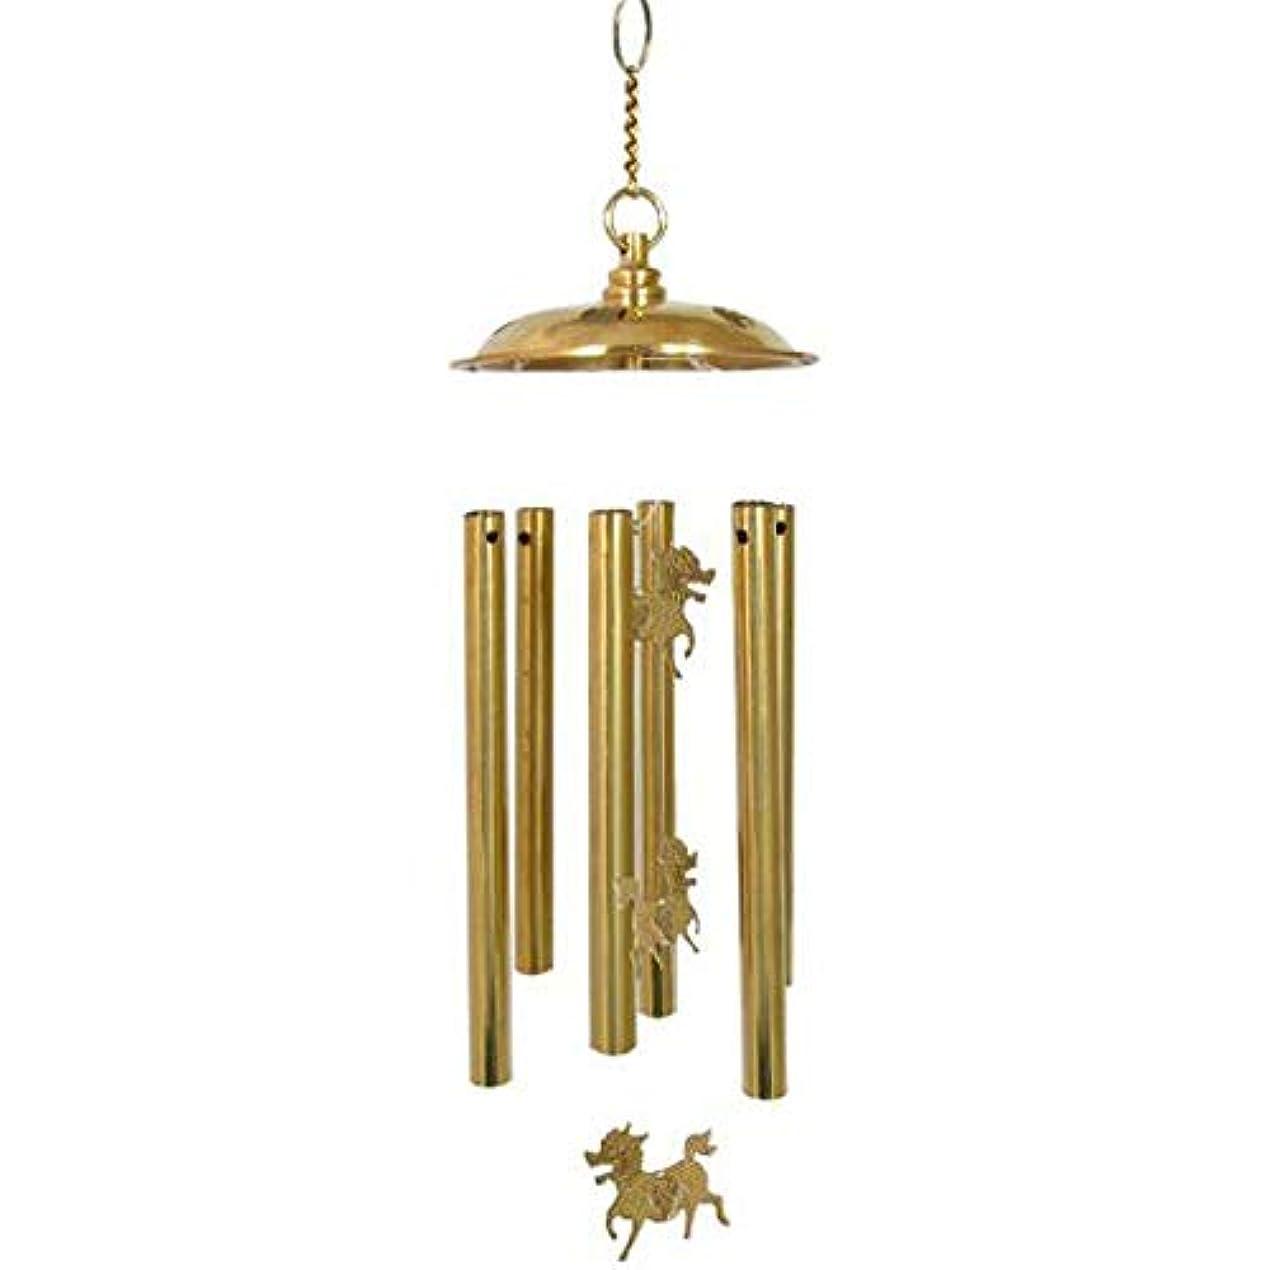 学校命題サーフィンYougou01 風チャイム、ホーム銅風チャイム、ゴールド、全身について48センチメートル 、創造的な装飾